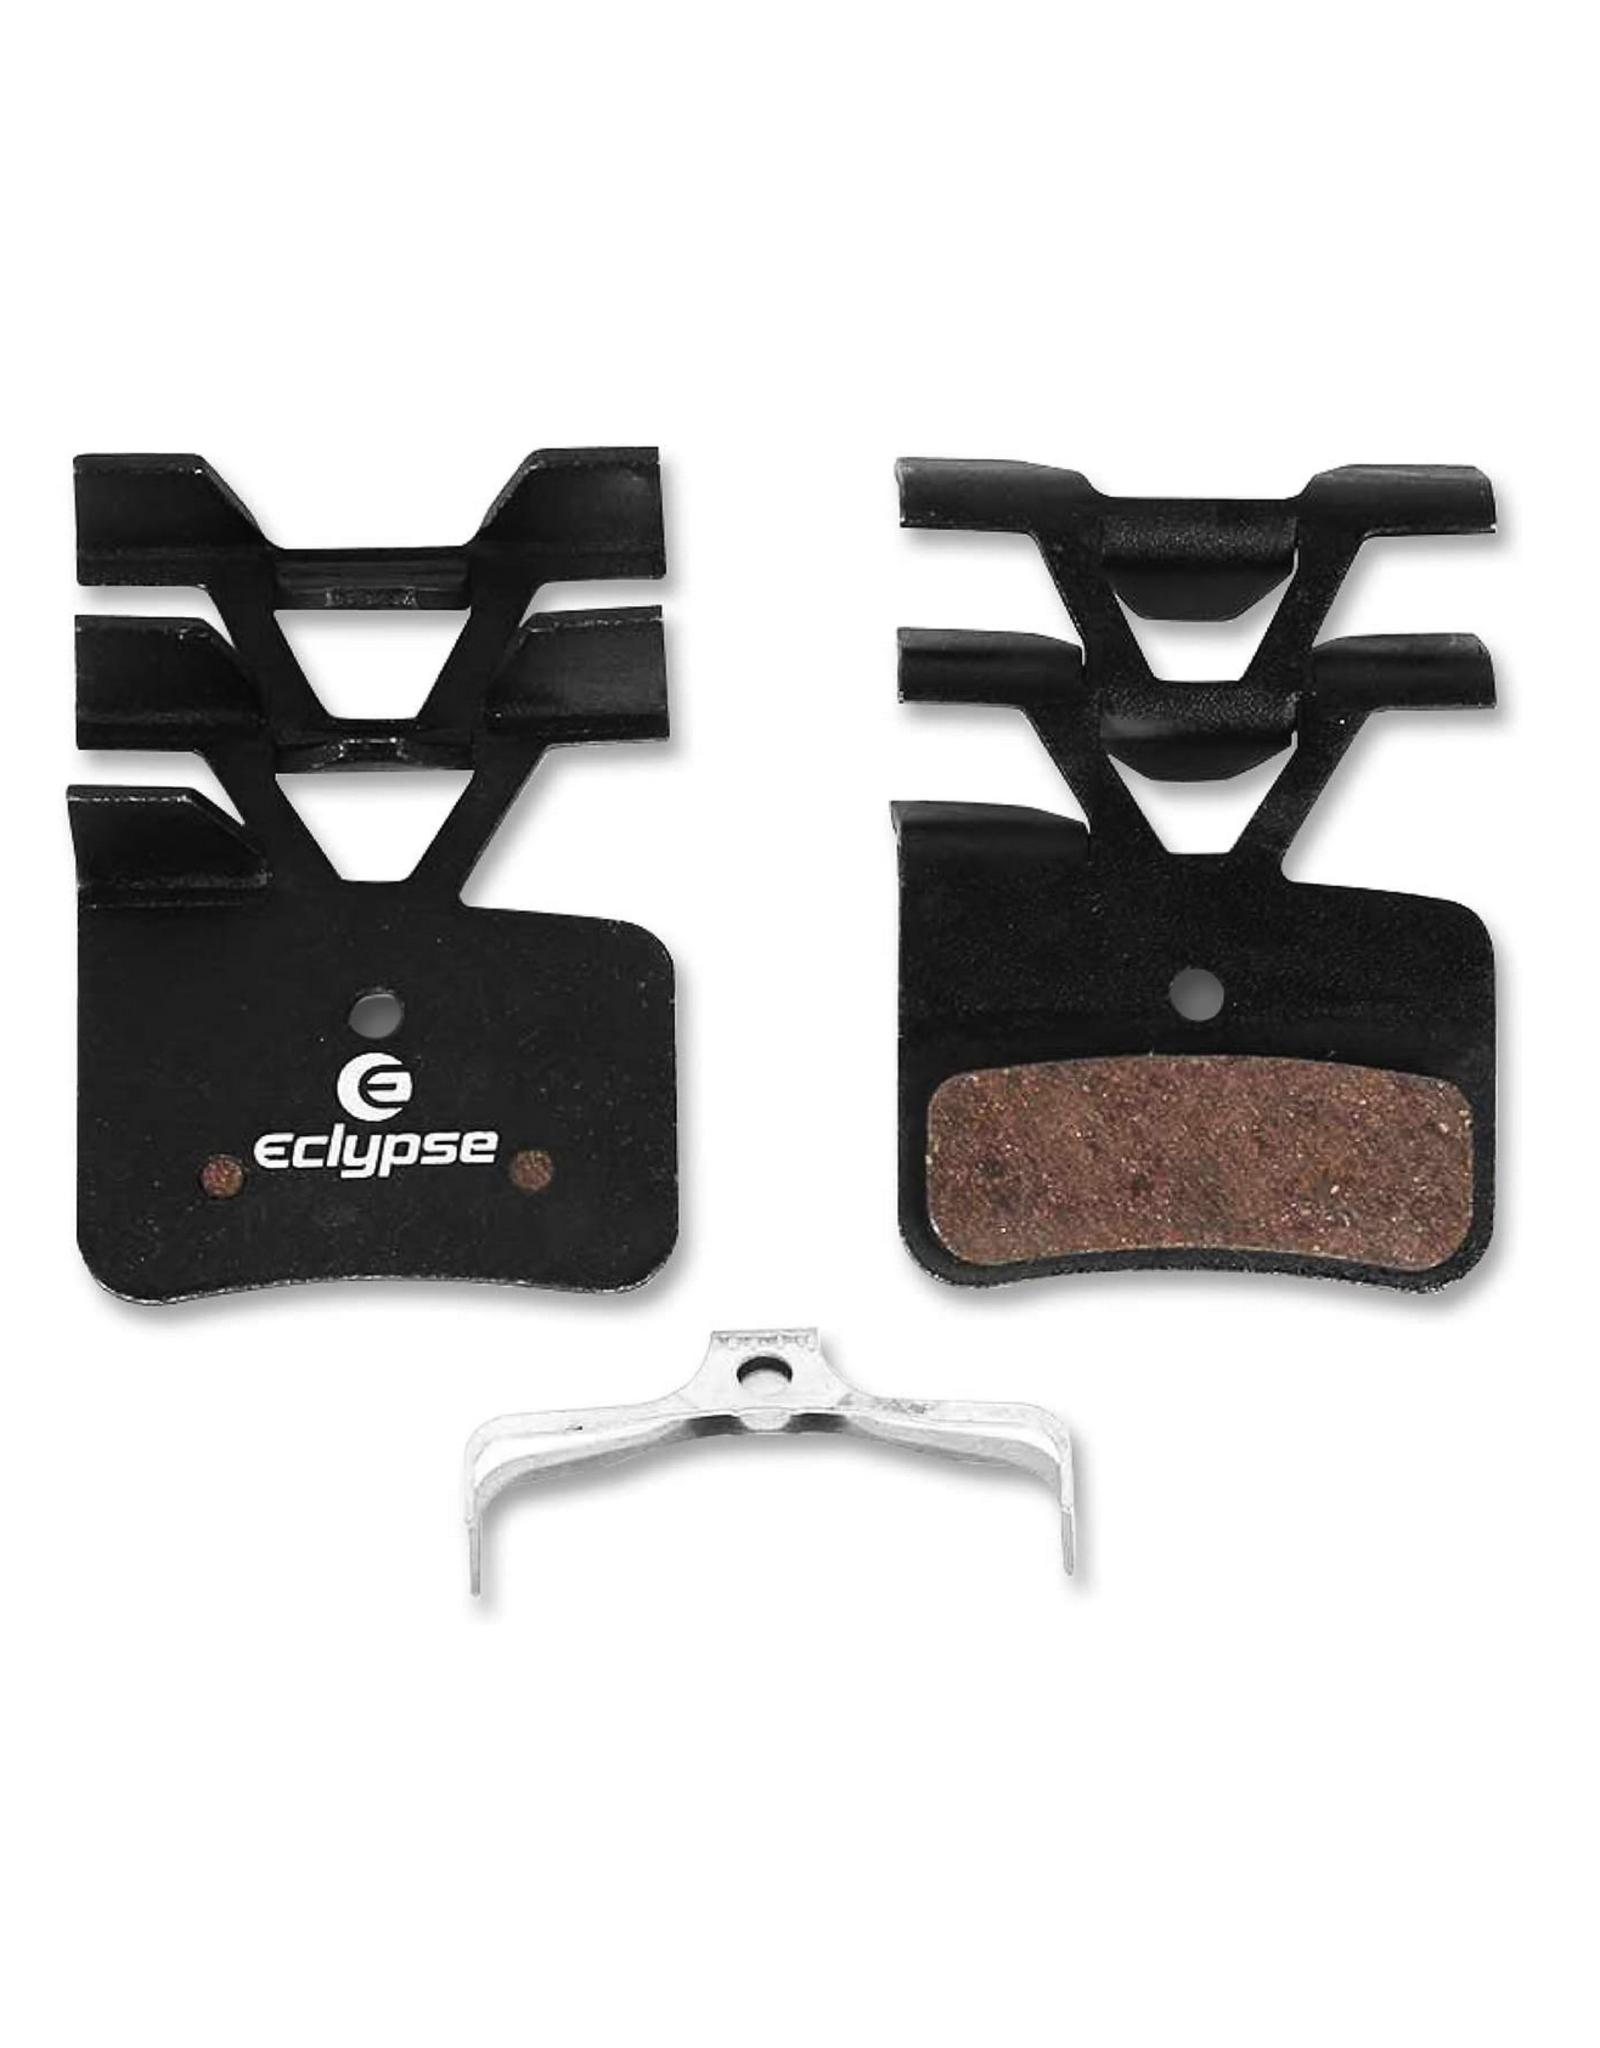 Eclypse Eclypse, Blackout Race Pro Cool, Disc brake pads, Magura MT2 MT4 MT6 MT8